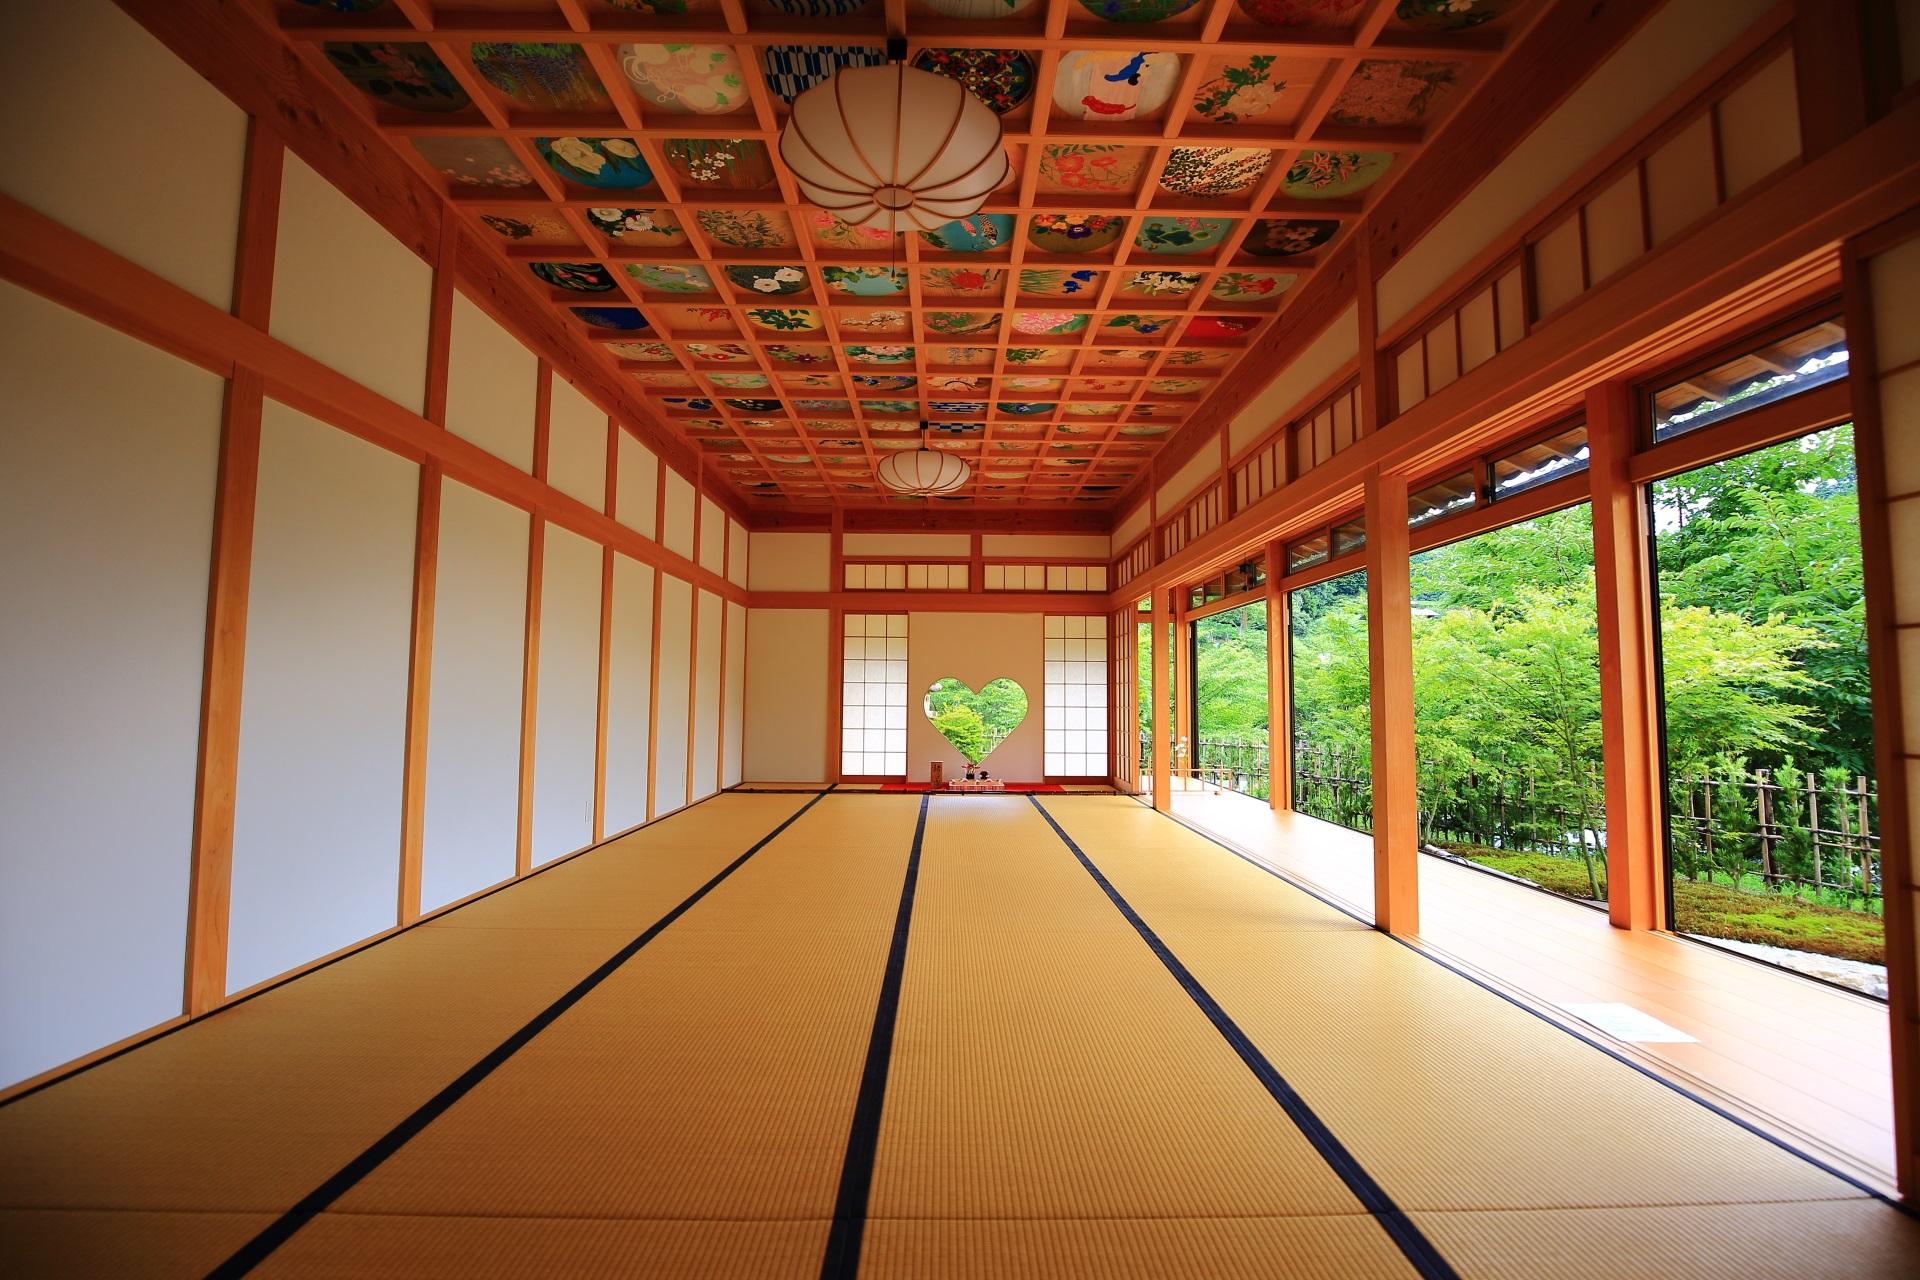 則天去私(そくてんきょし)の言葉に因み「則天の間」と呼ばれる正寿院の客殿